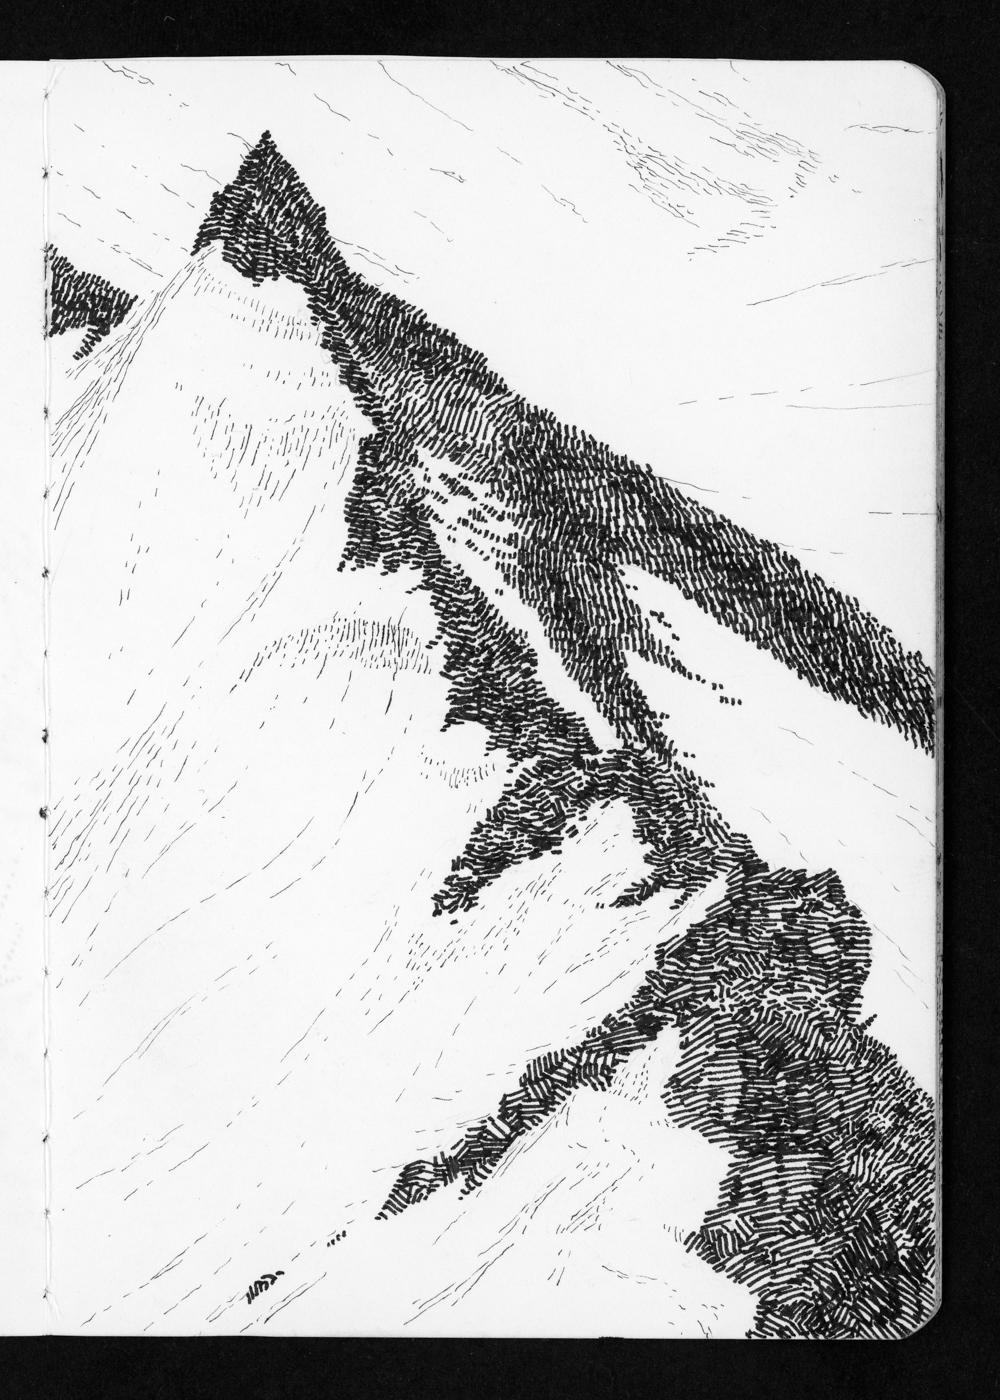 05-12 Ridgeline above McNeil Point.jpg